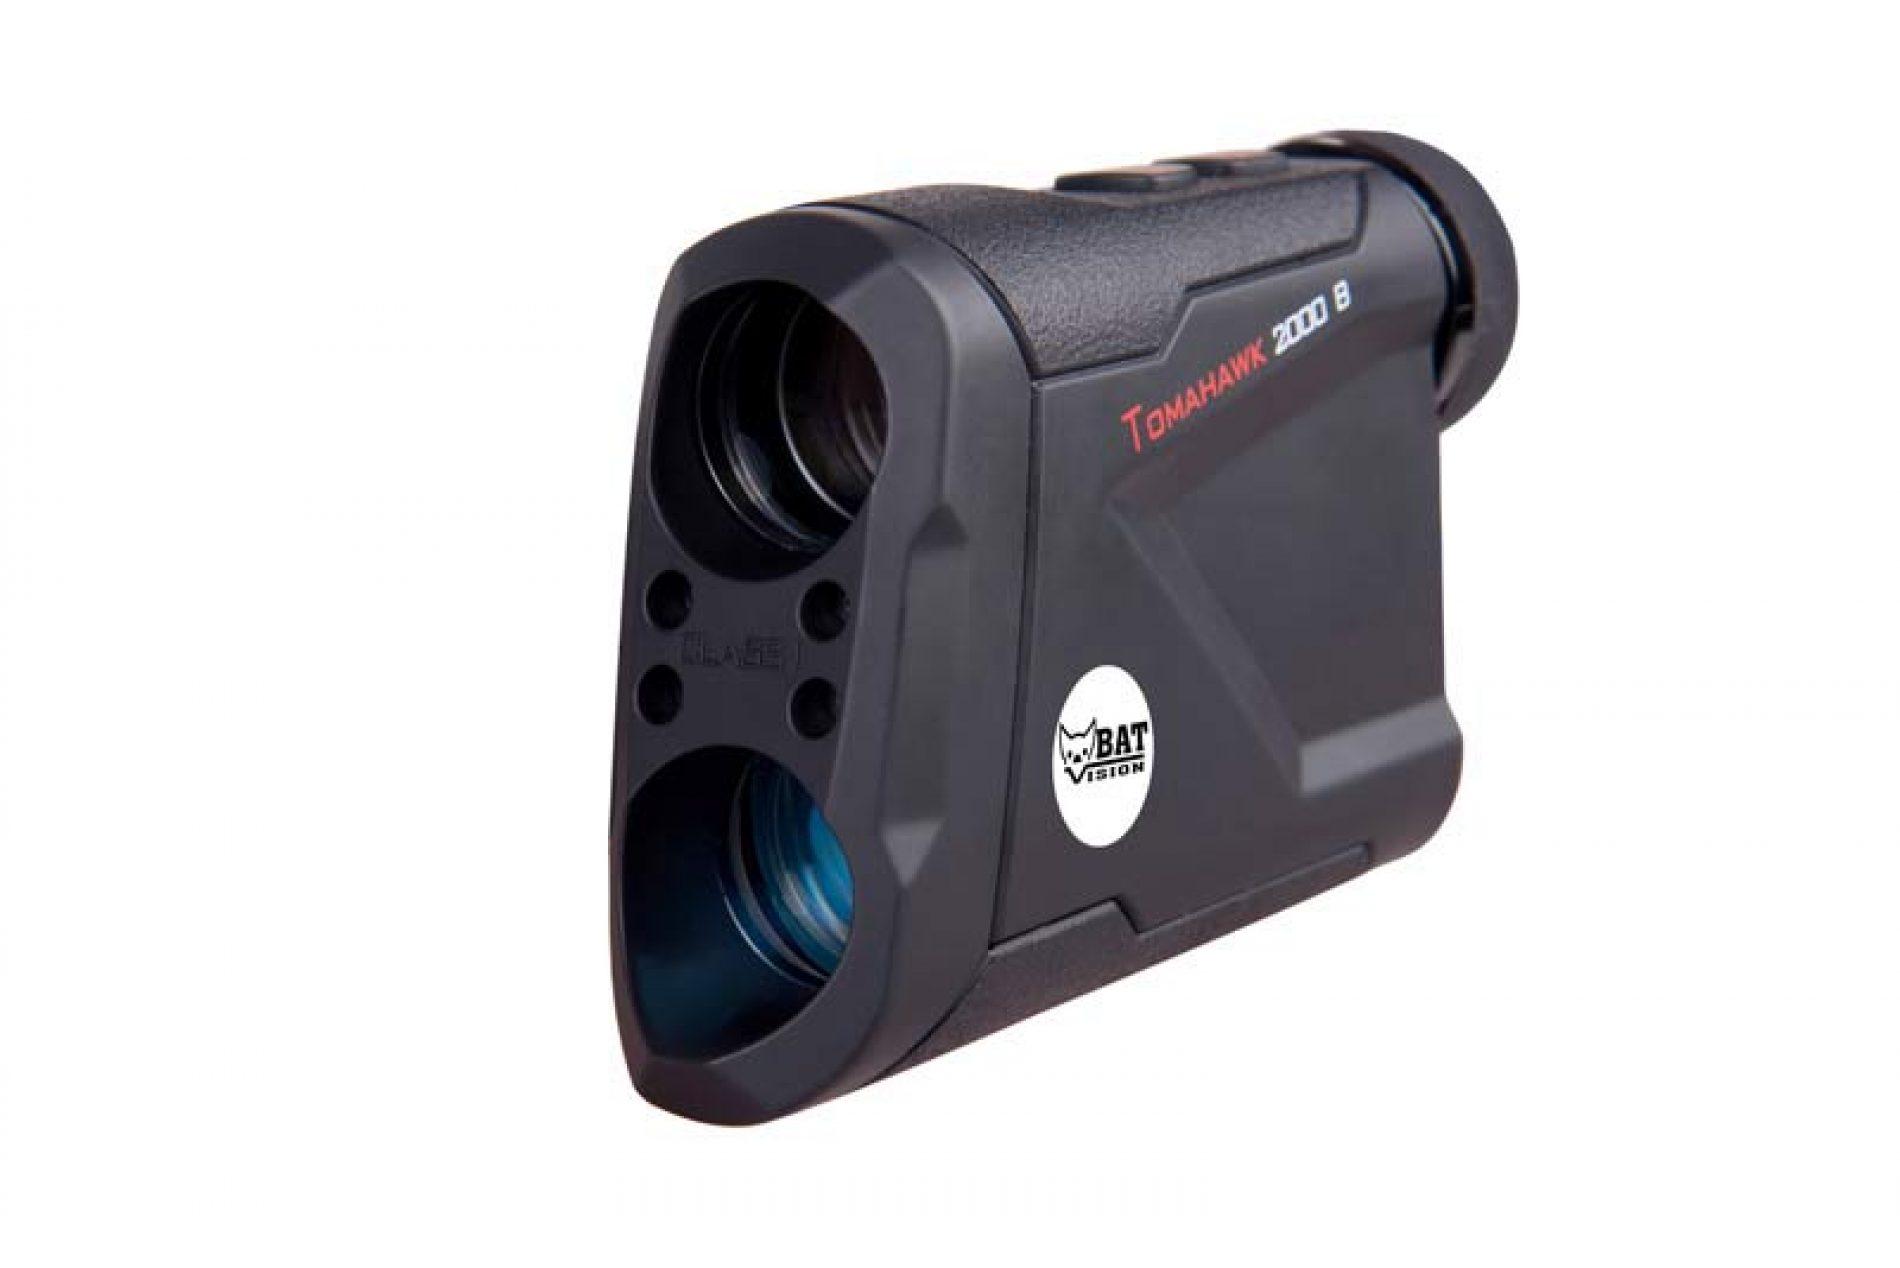 Bat Vision complementa la gama de telémetros con el nuevo T2000 Tomahawk